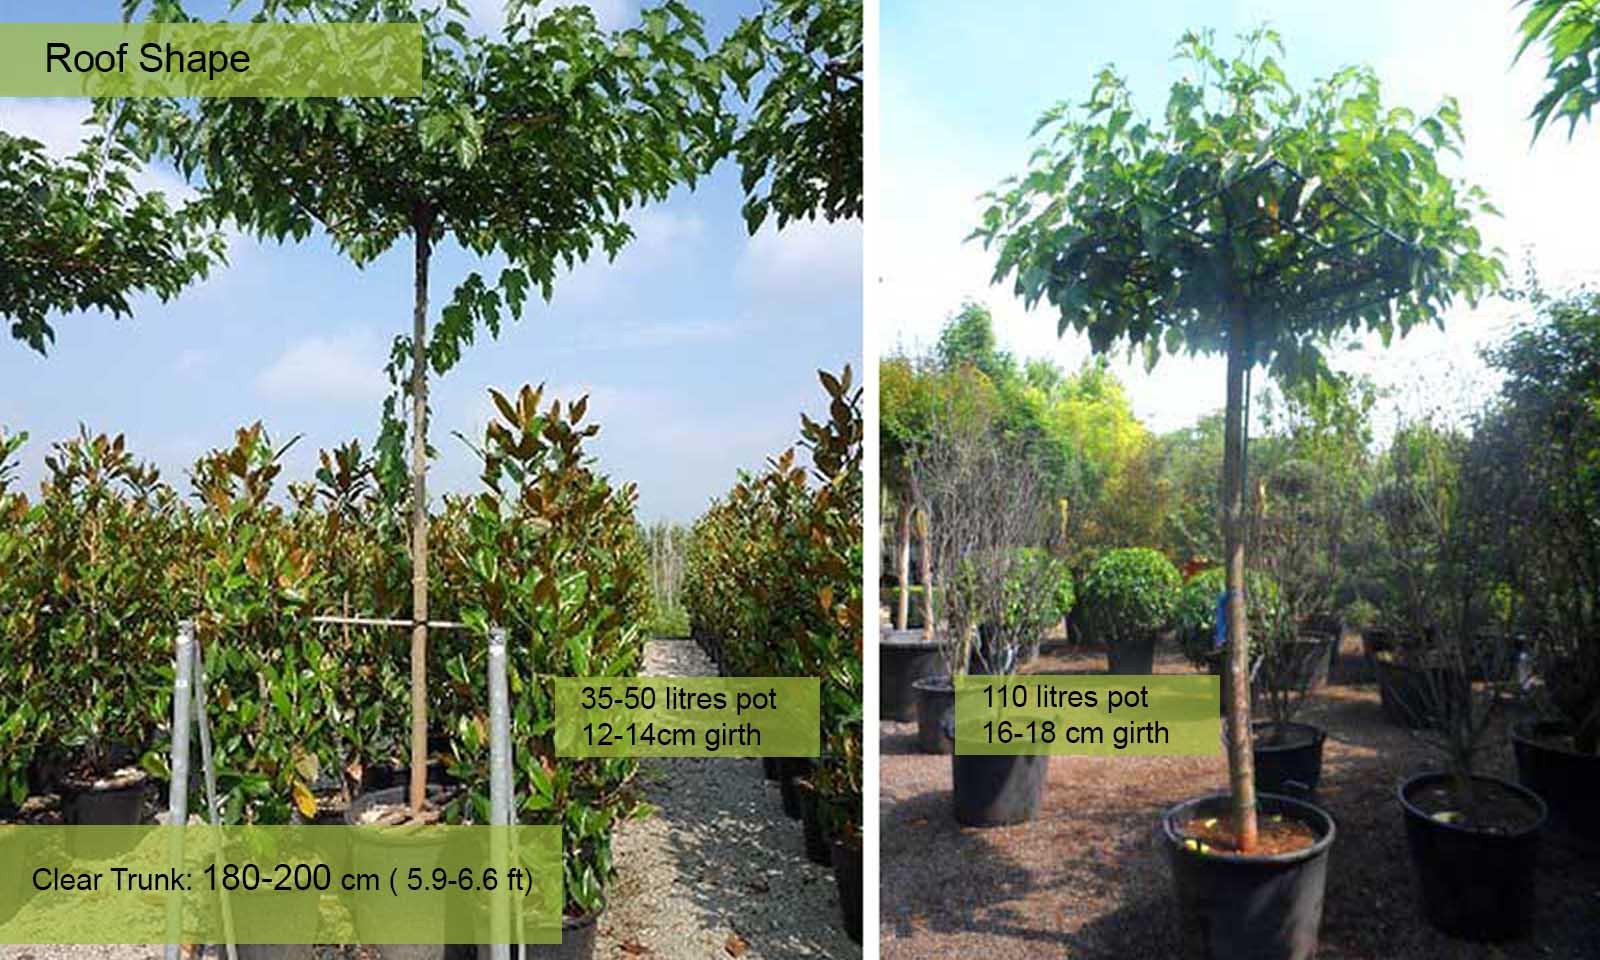 Morus Platanifolia Fruitless - Roof Shape